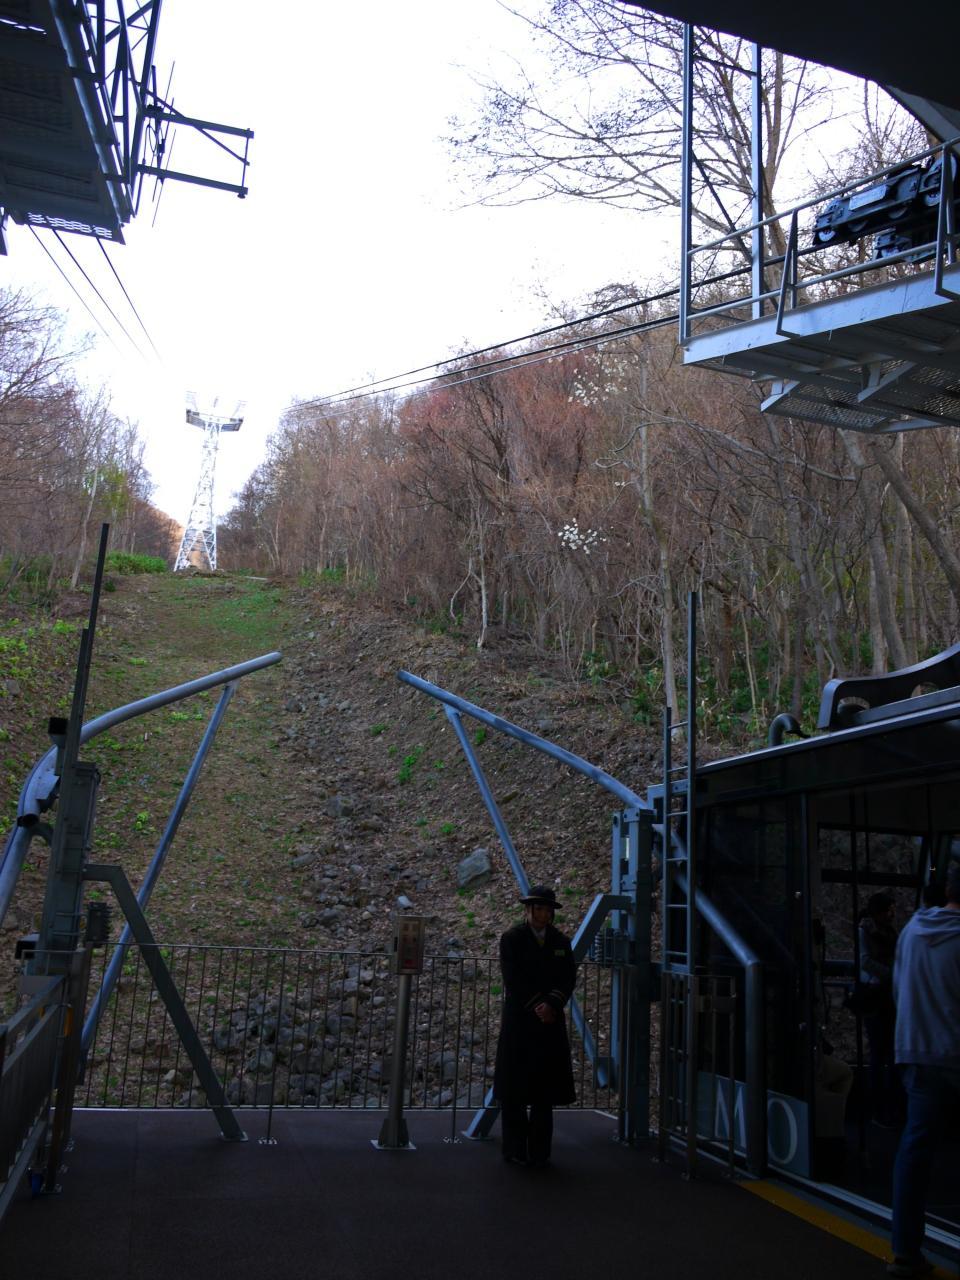 リフト | 高尾登山電鉄公式サイト